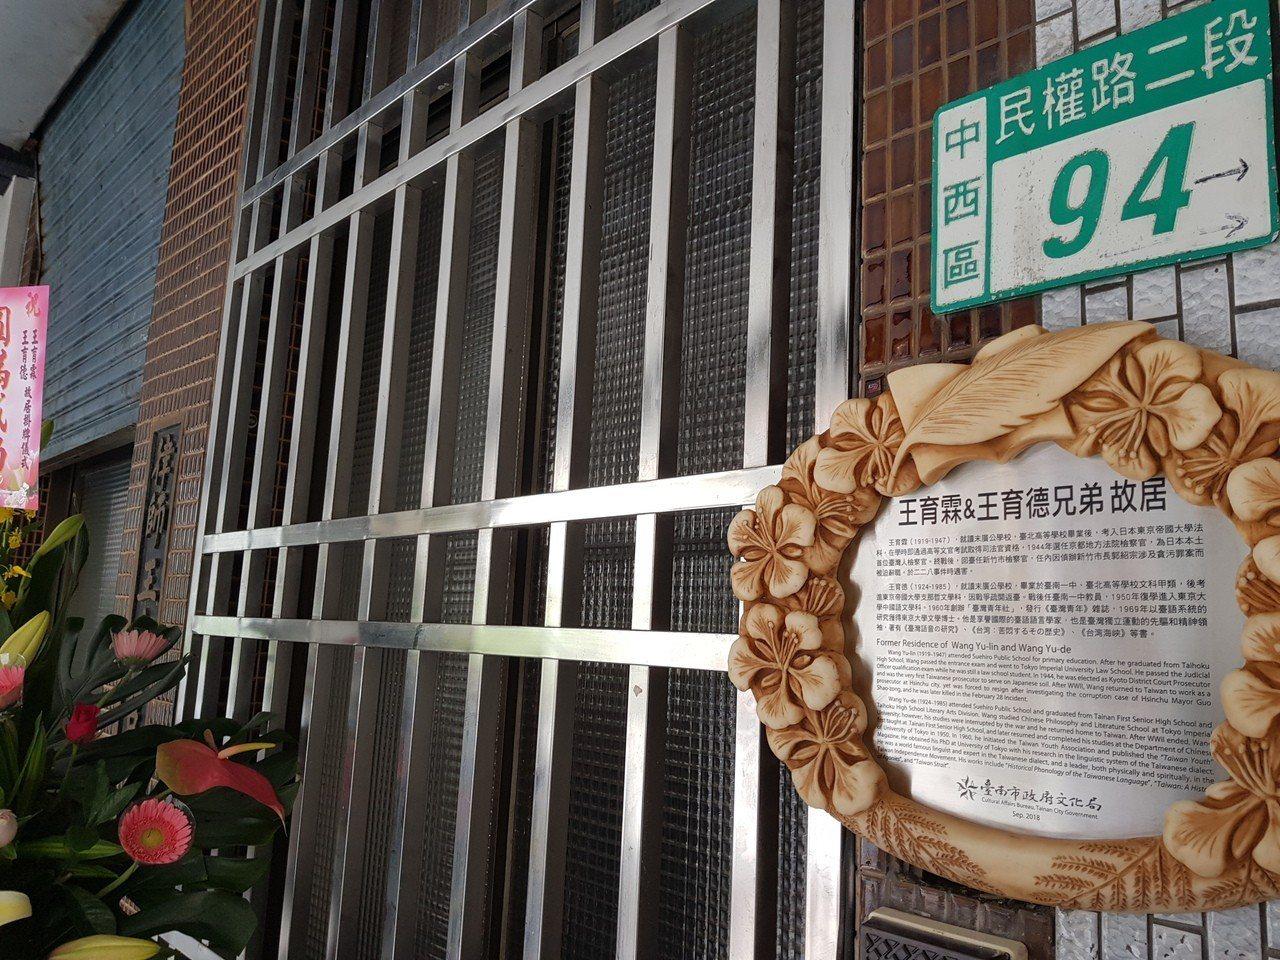 王育霖、王育德兄弟名人故居昨天掛牌。 記者修瑞瑩/攝影